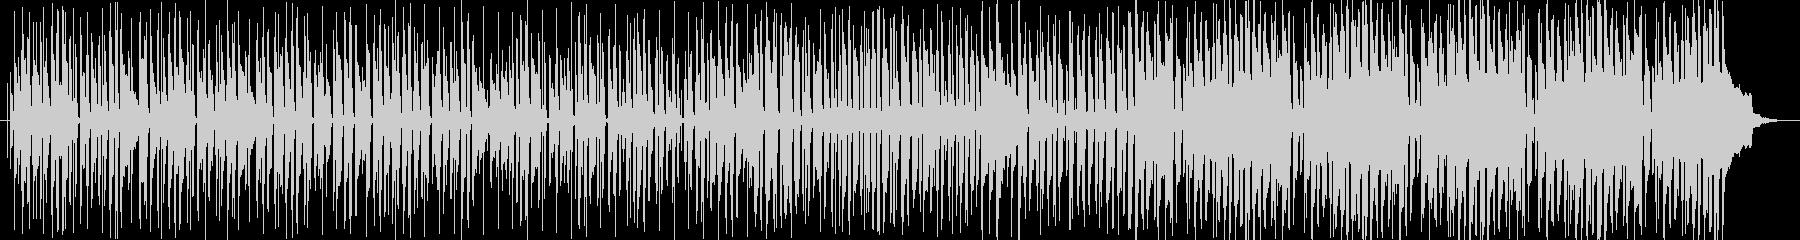 美しい琴のメロディが印象的な和風BGM。の未再生の波形